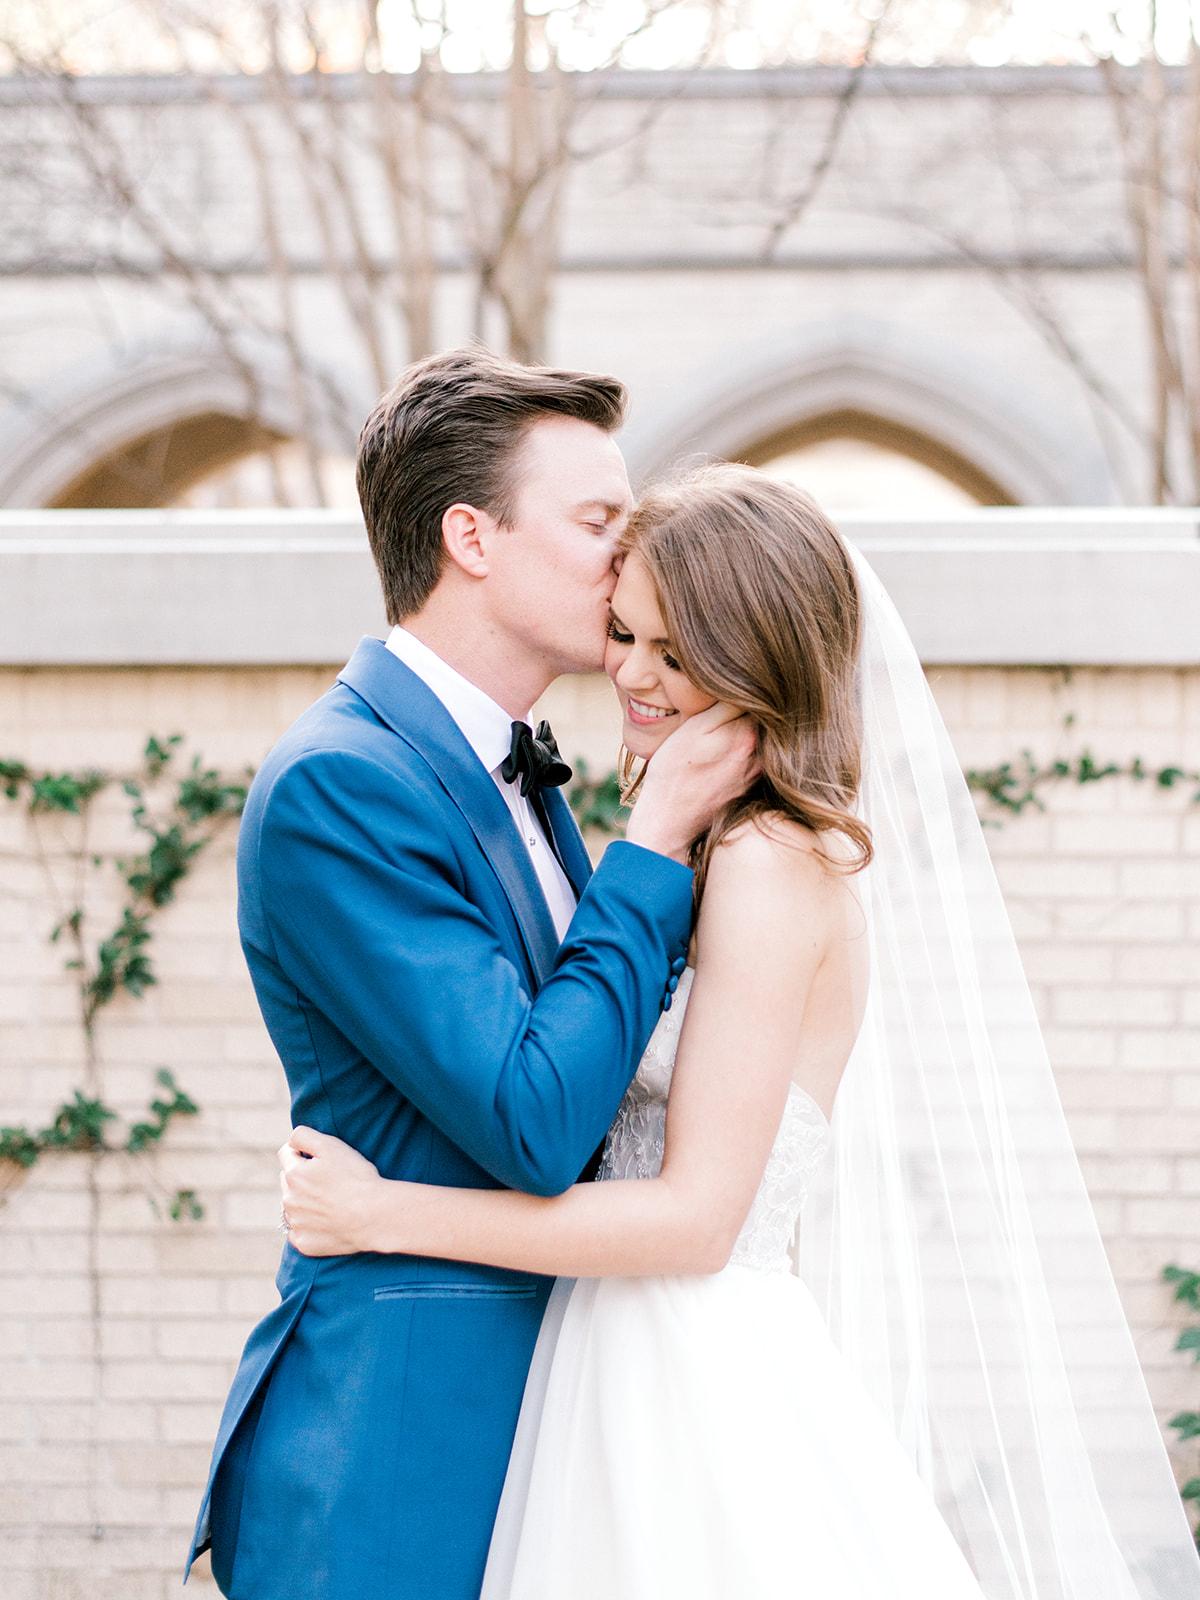 weddingphotos-9_websize.jpg